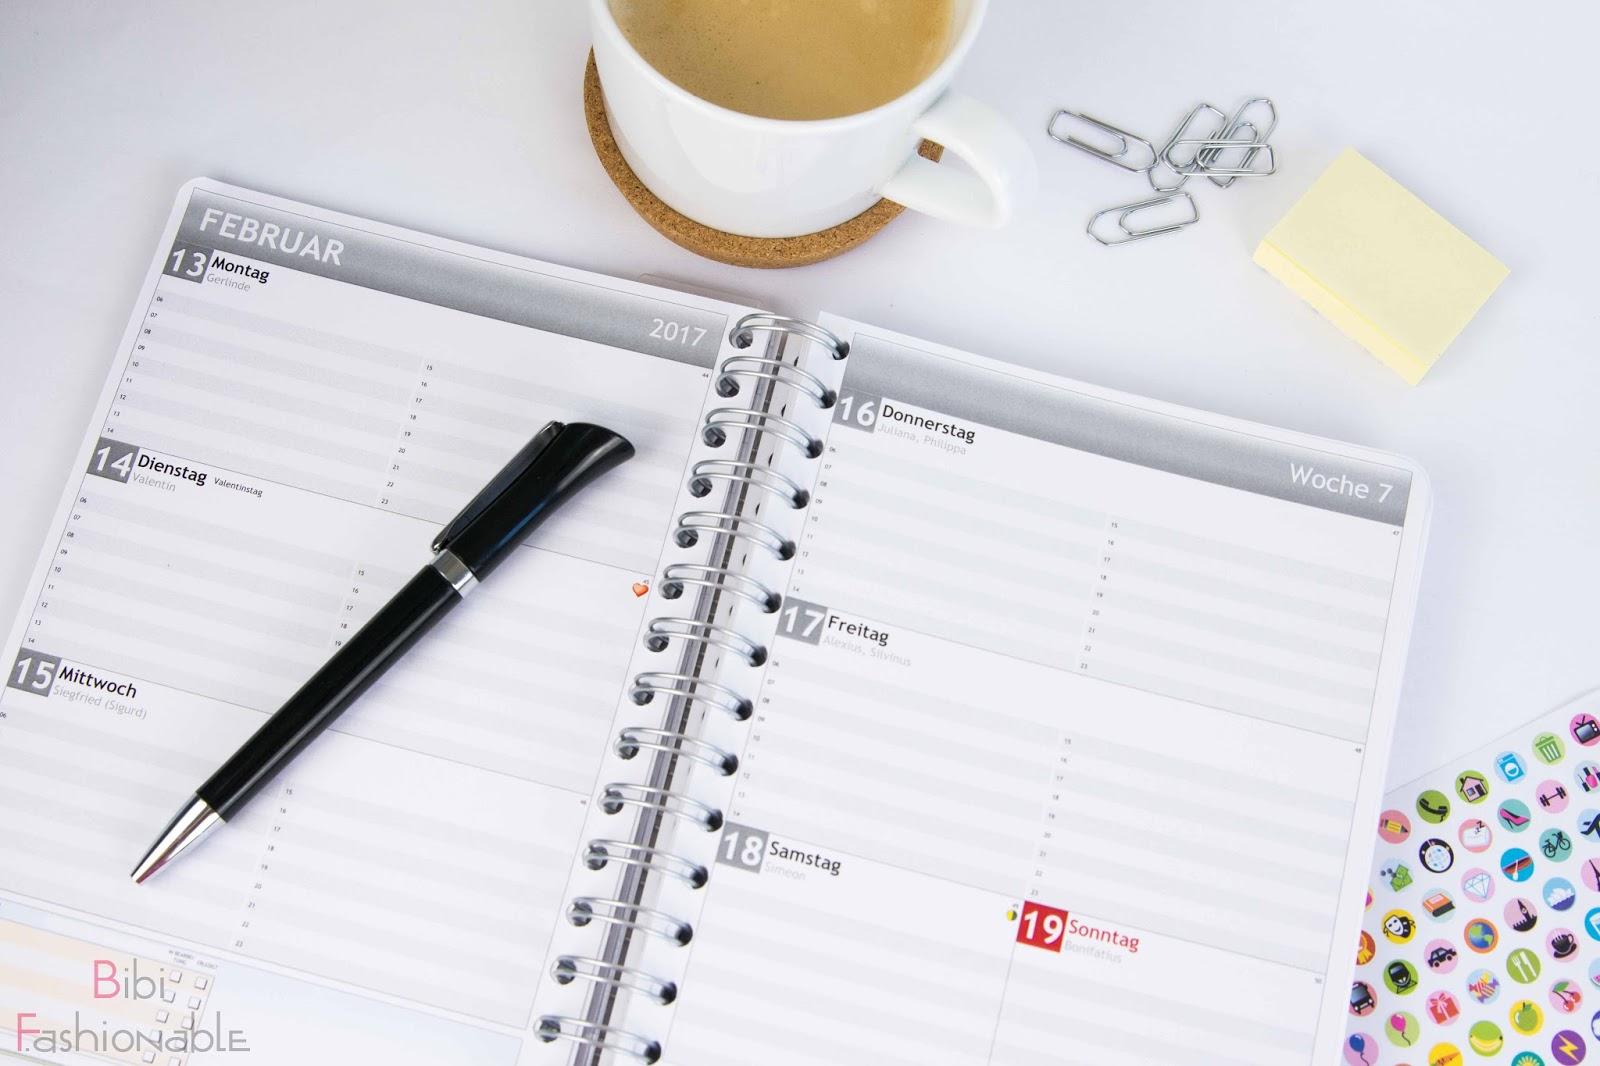 Personalplanner Wochenkalender